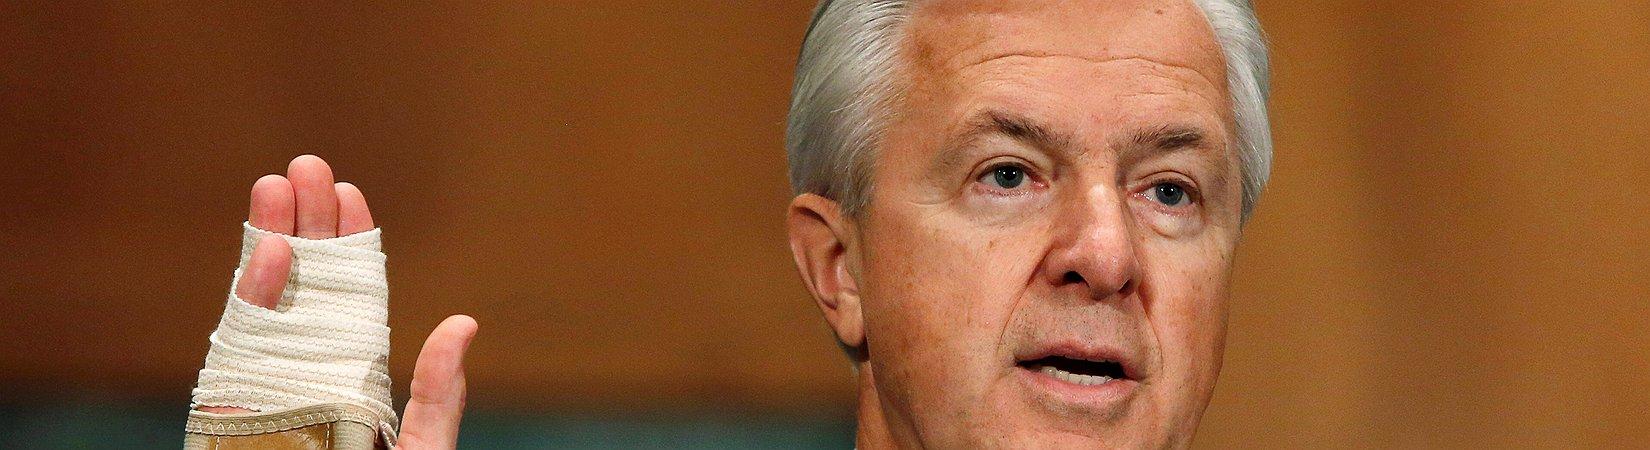 El CEO de Wells Fargo renuncia tras el escándalo de las cuentas falsas